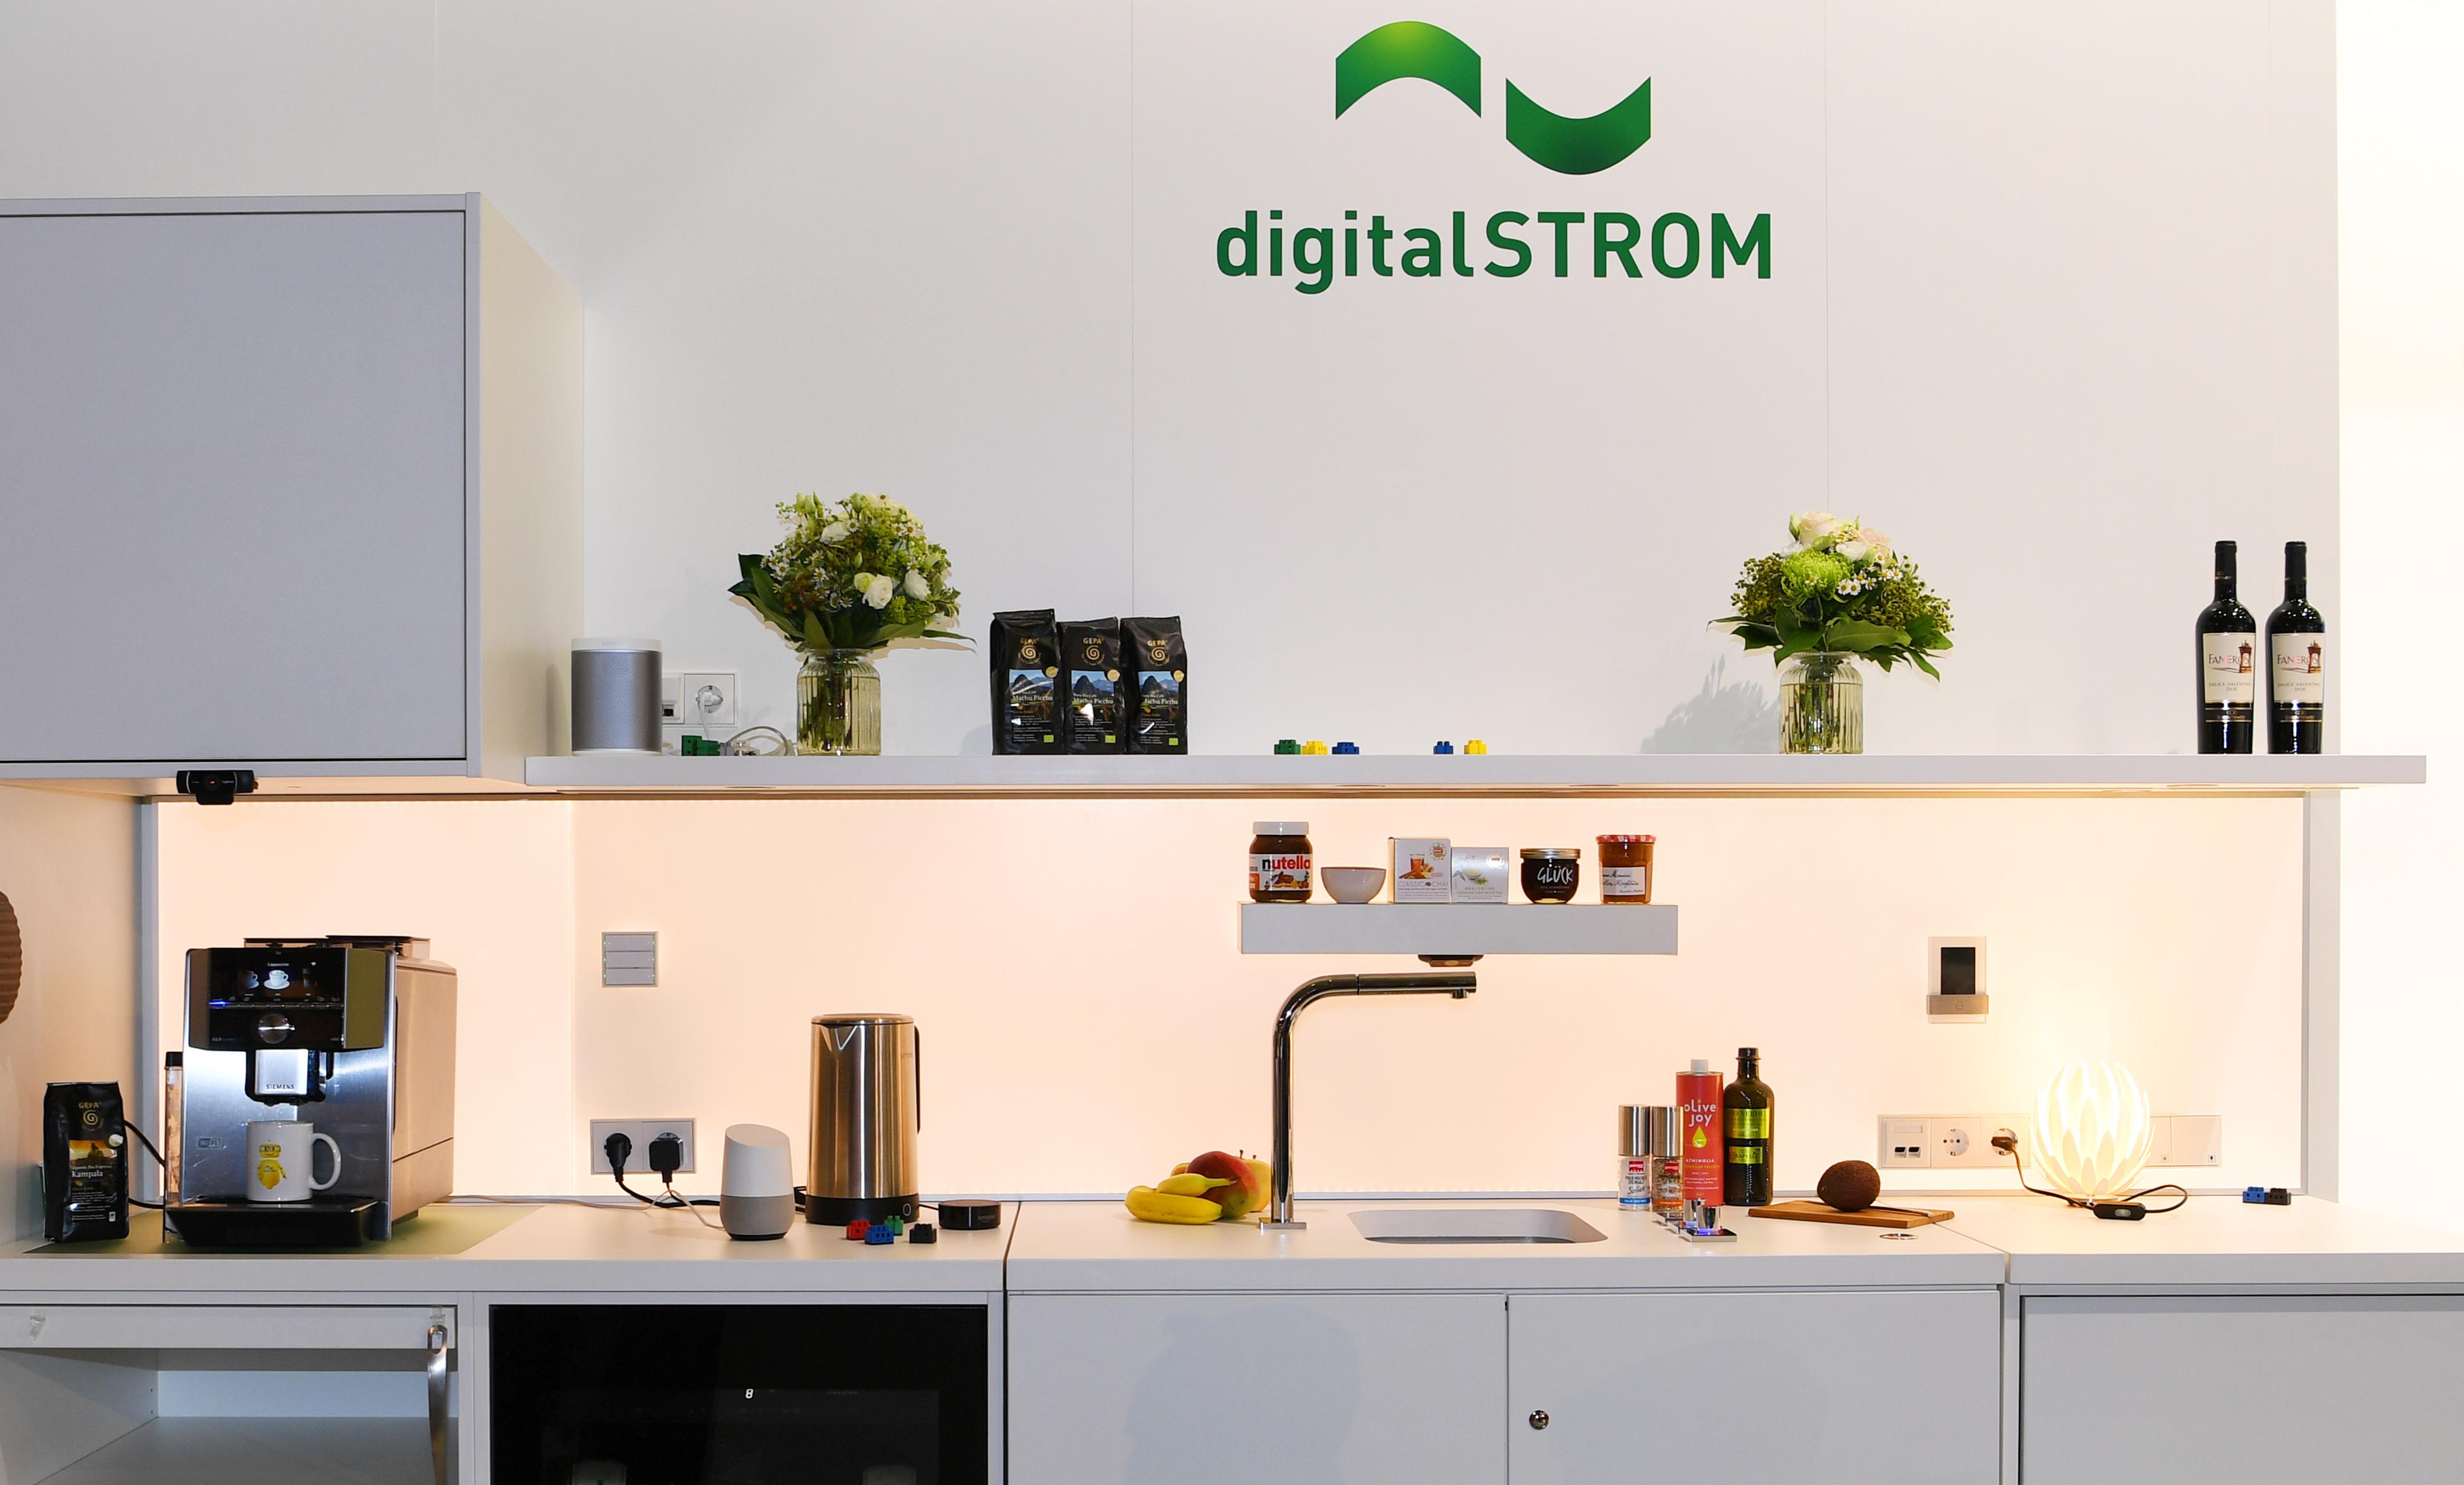 Digitalstrom Prasentiert Auf Der Ifa Die Intelligente Kuche Gerate